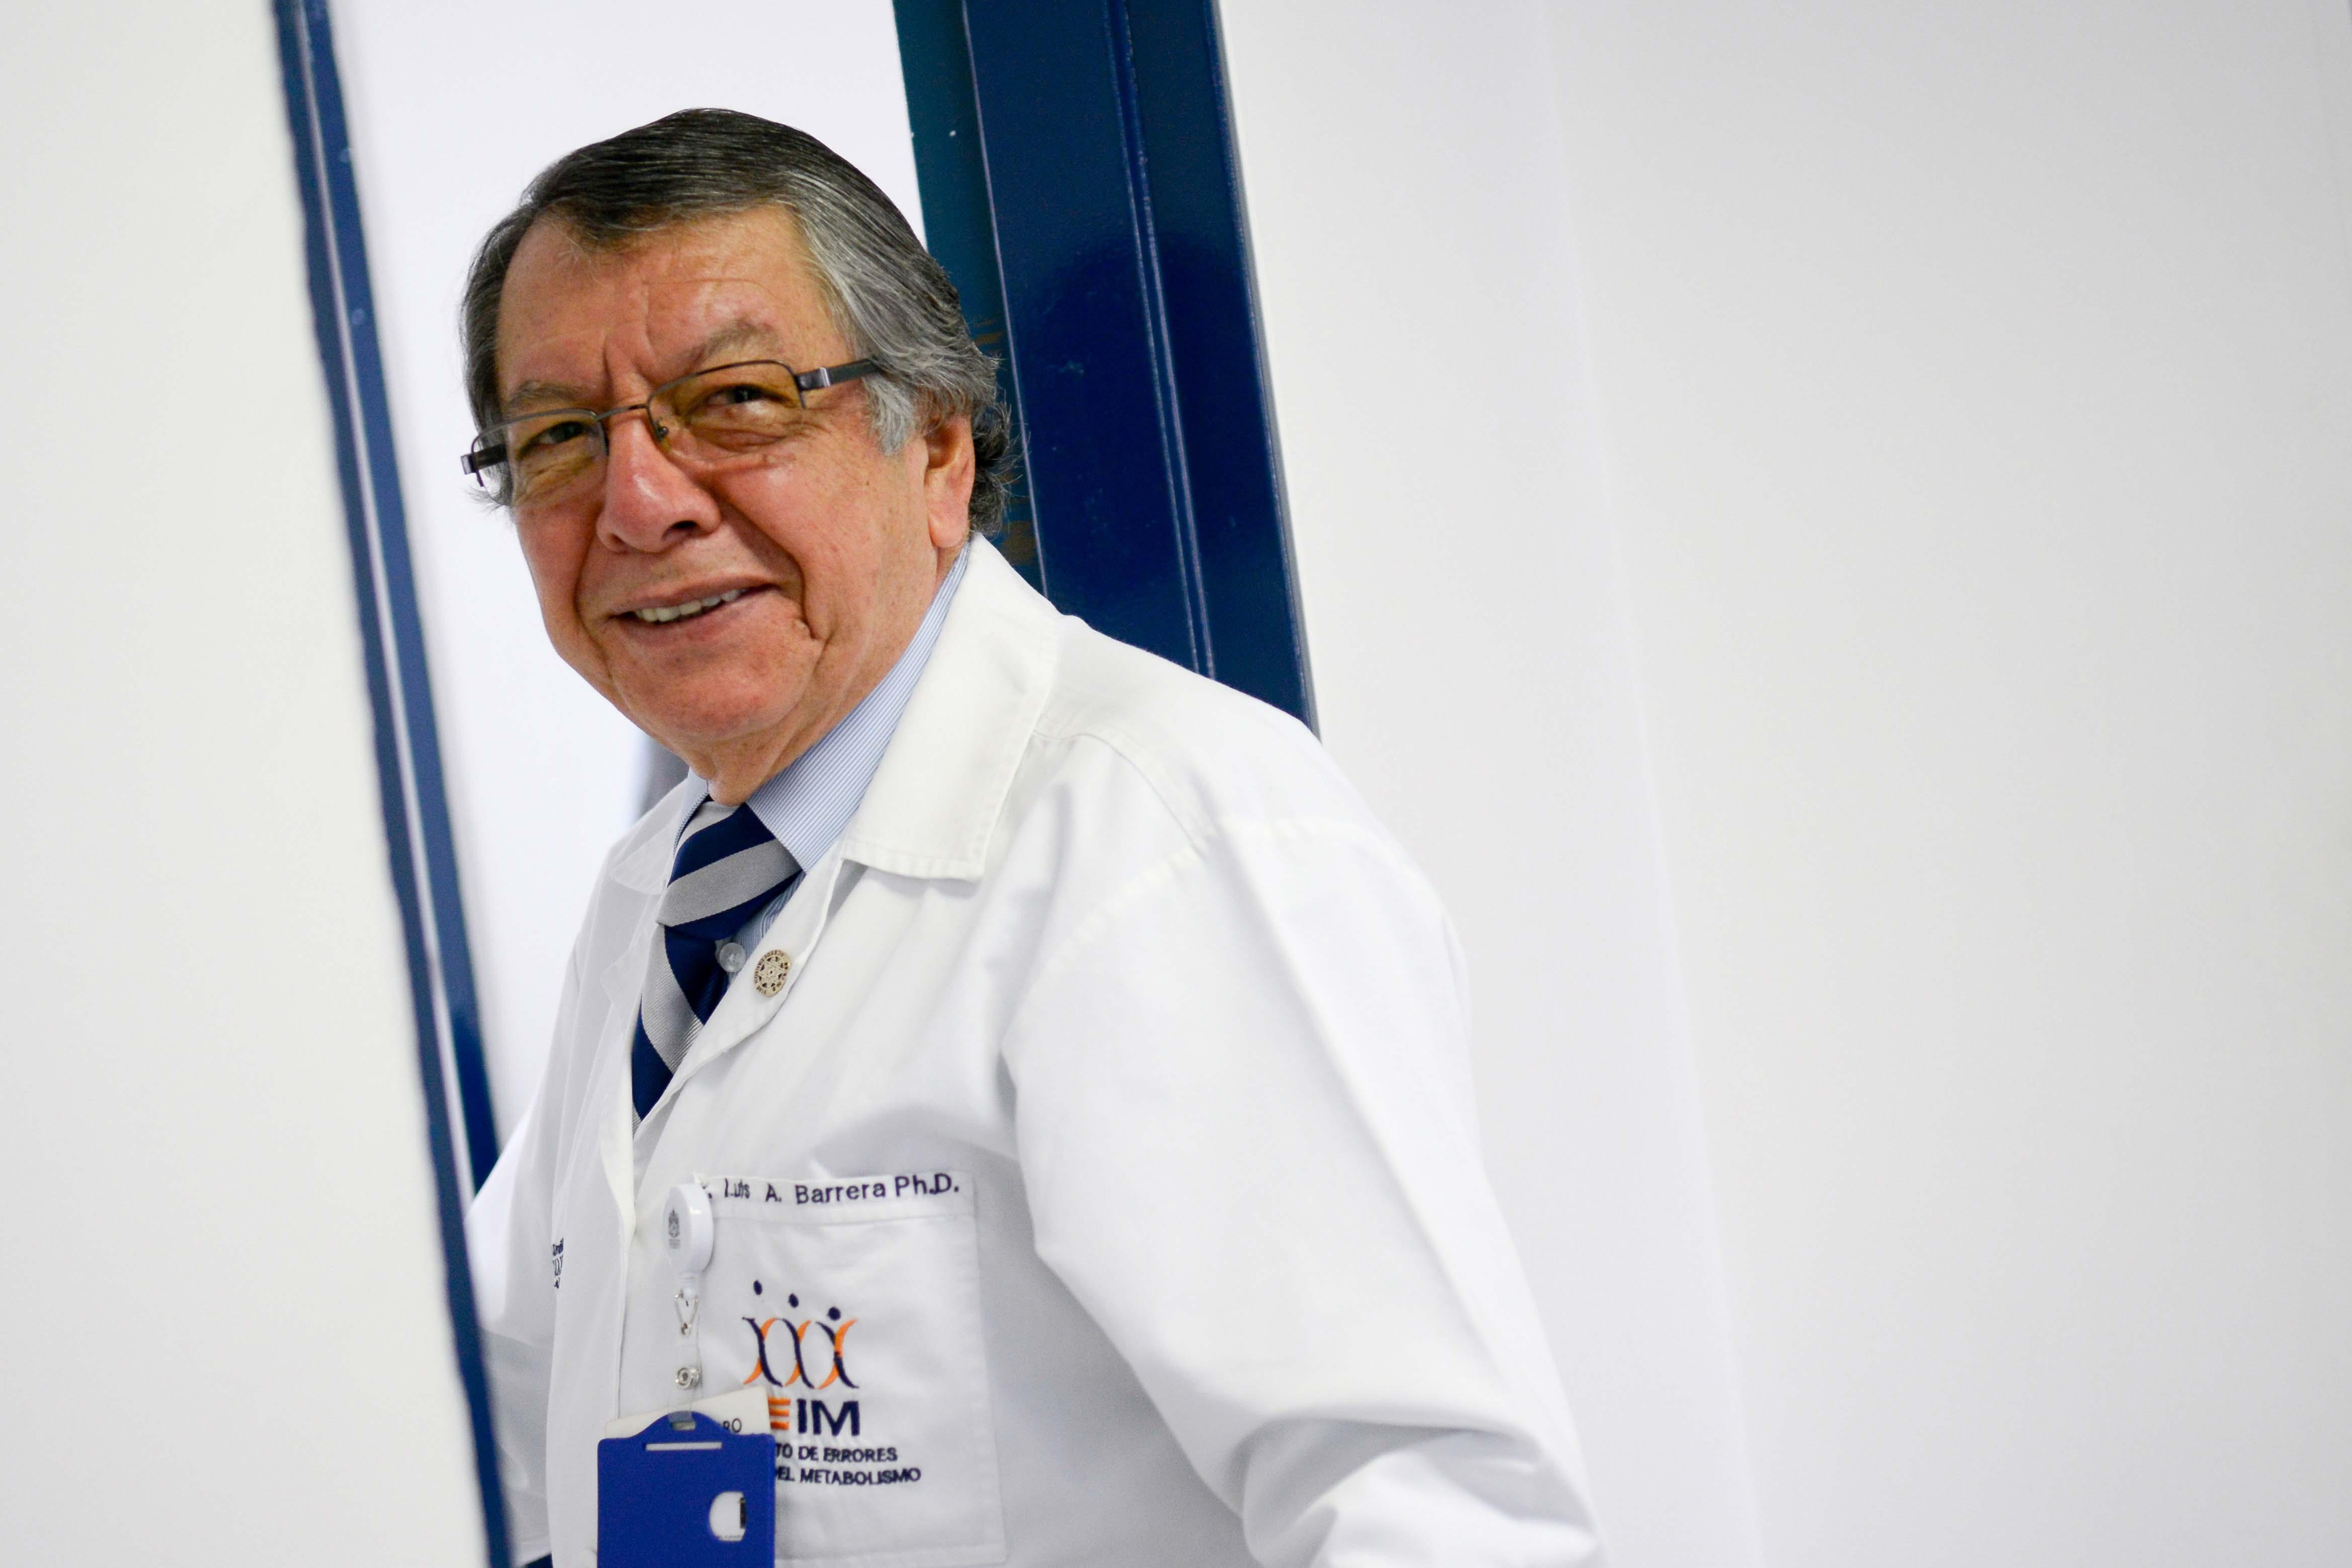 Luis Alejandro Barrera, el doctor que hizo la tarea